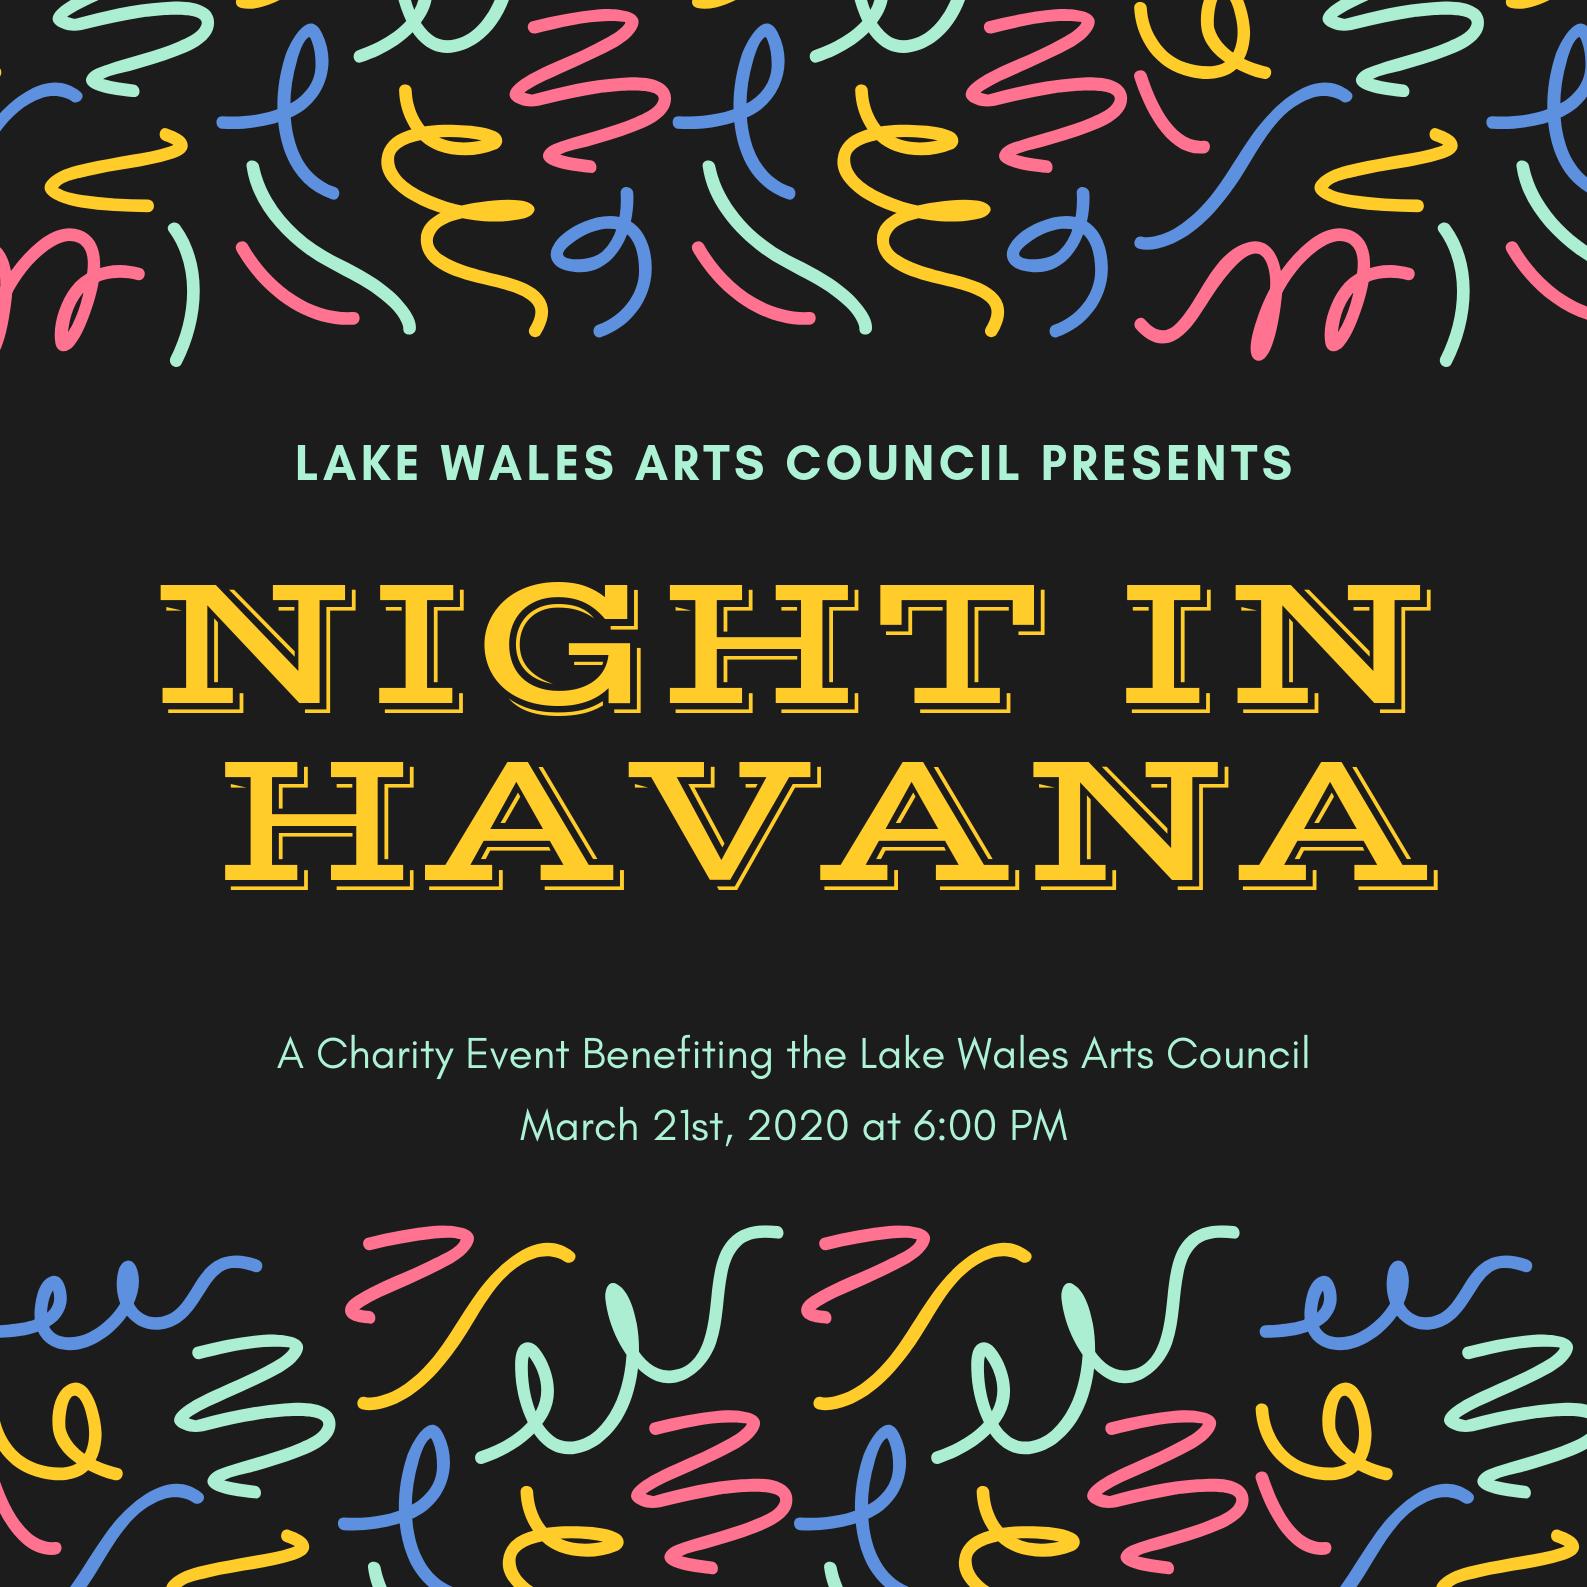 Night in old havana.png